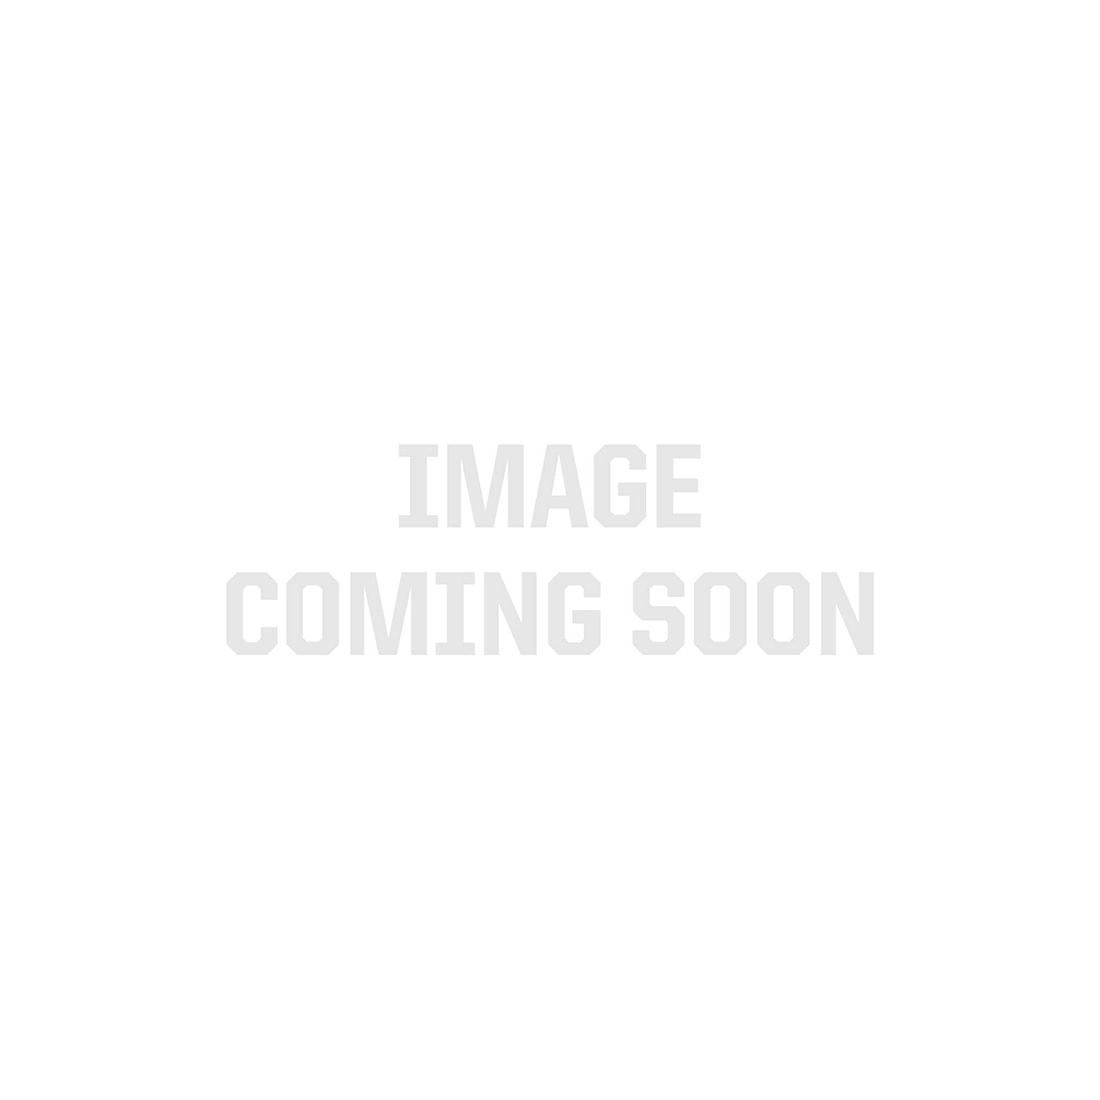 EL MULTI33 Flush Mount Double Row Aluminum Channel (Anodized)